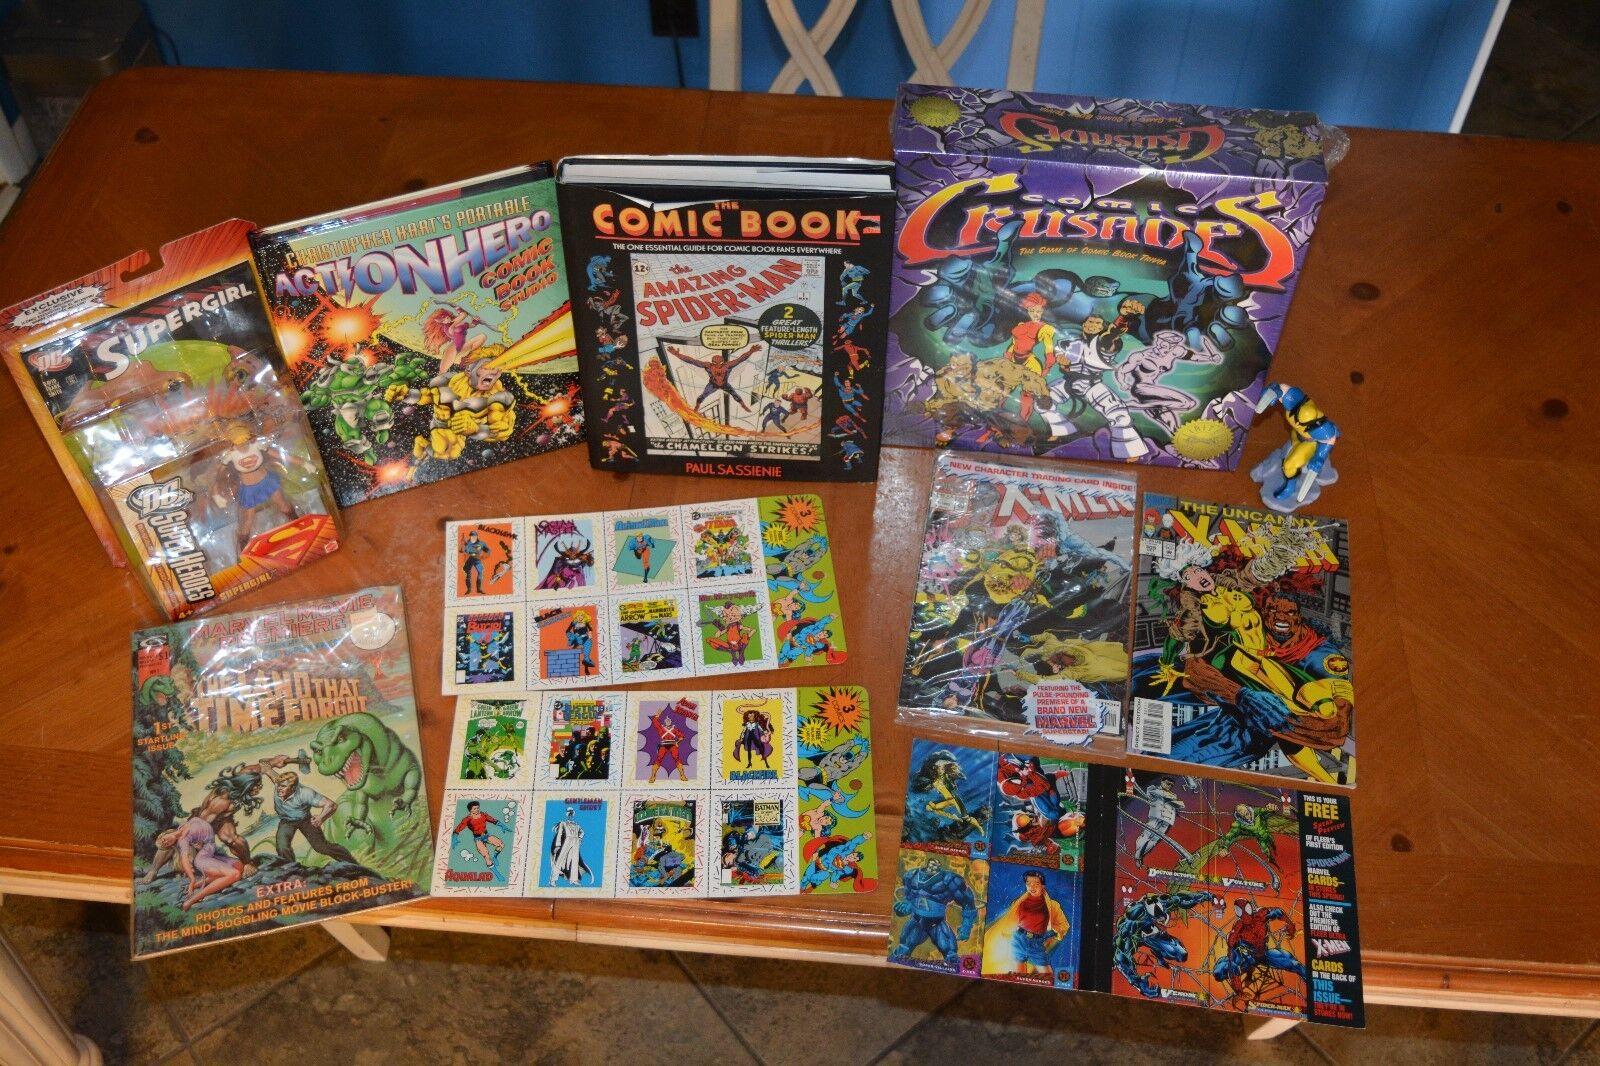 Great Comic Book Deal  nouveau jeu, nouvelle Supergirl Figure, COMICS, comment dessiner, plus